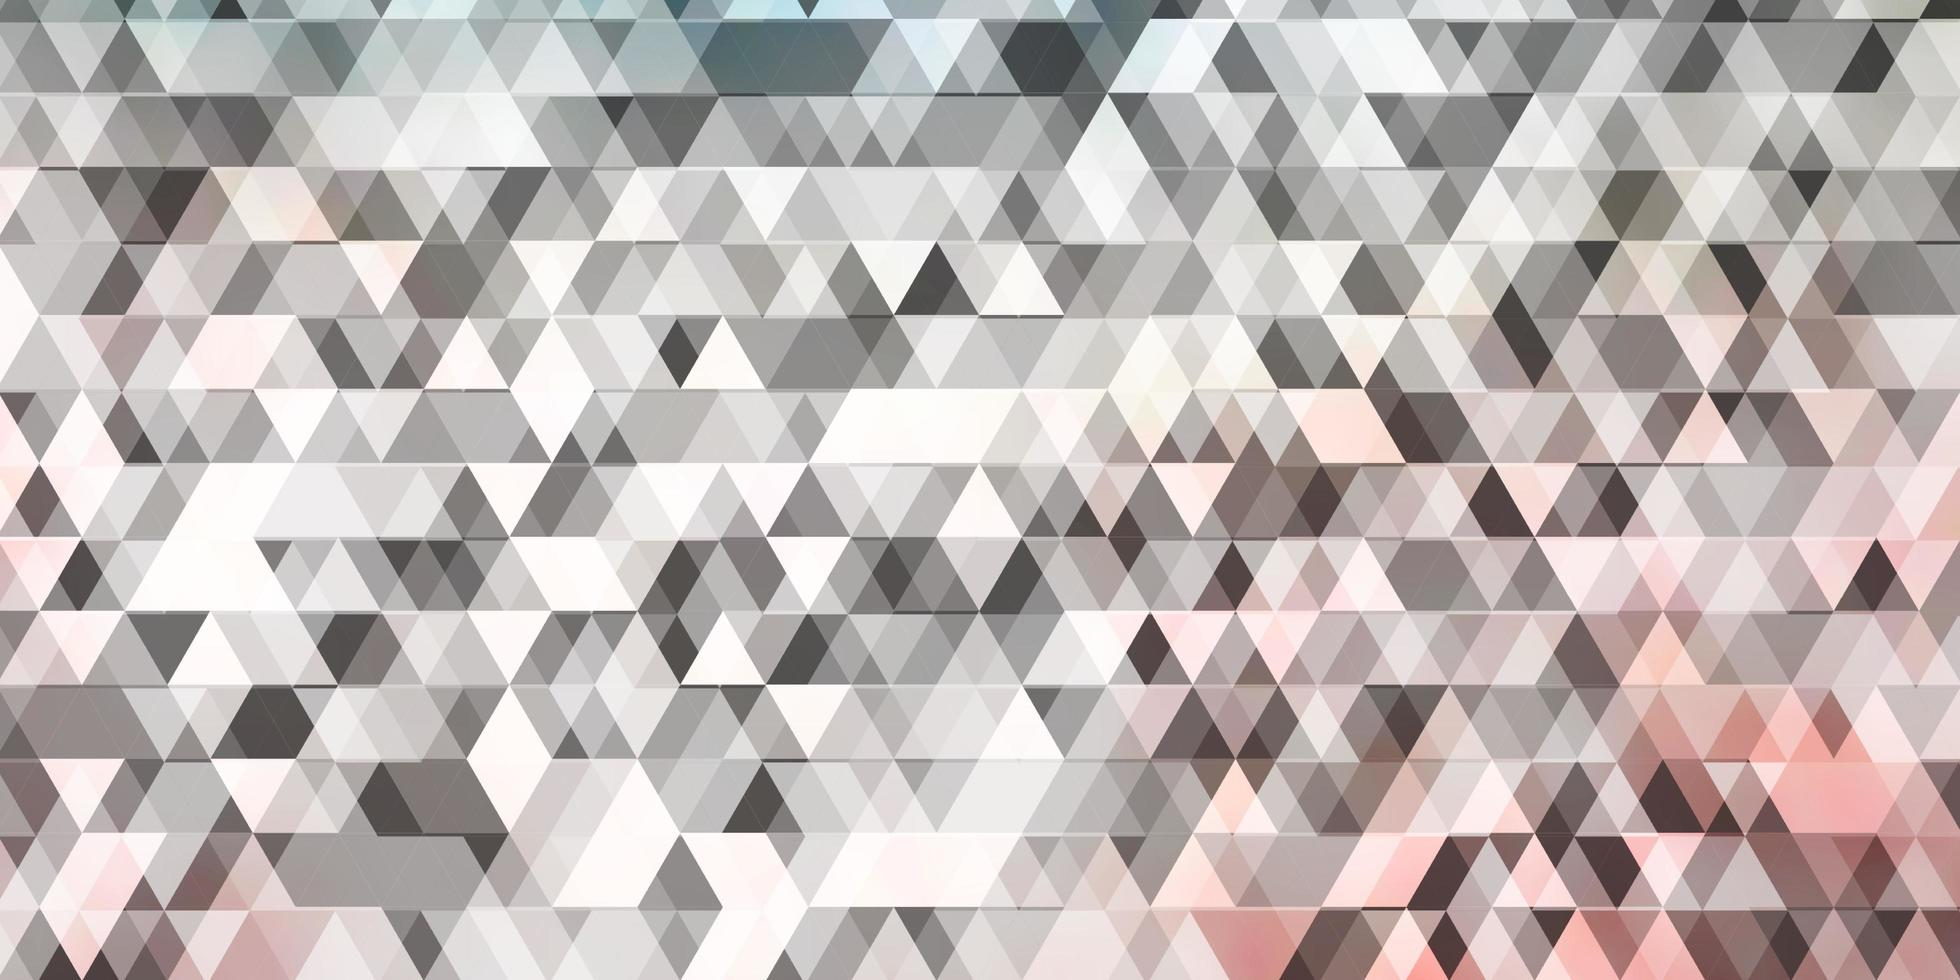 de fundo vector rosa claro, verde com linhas, triângulos.